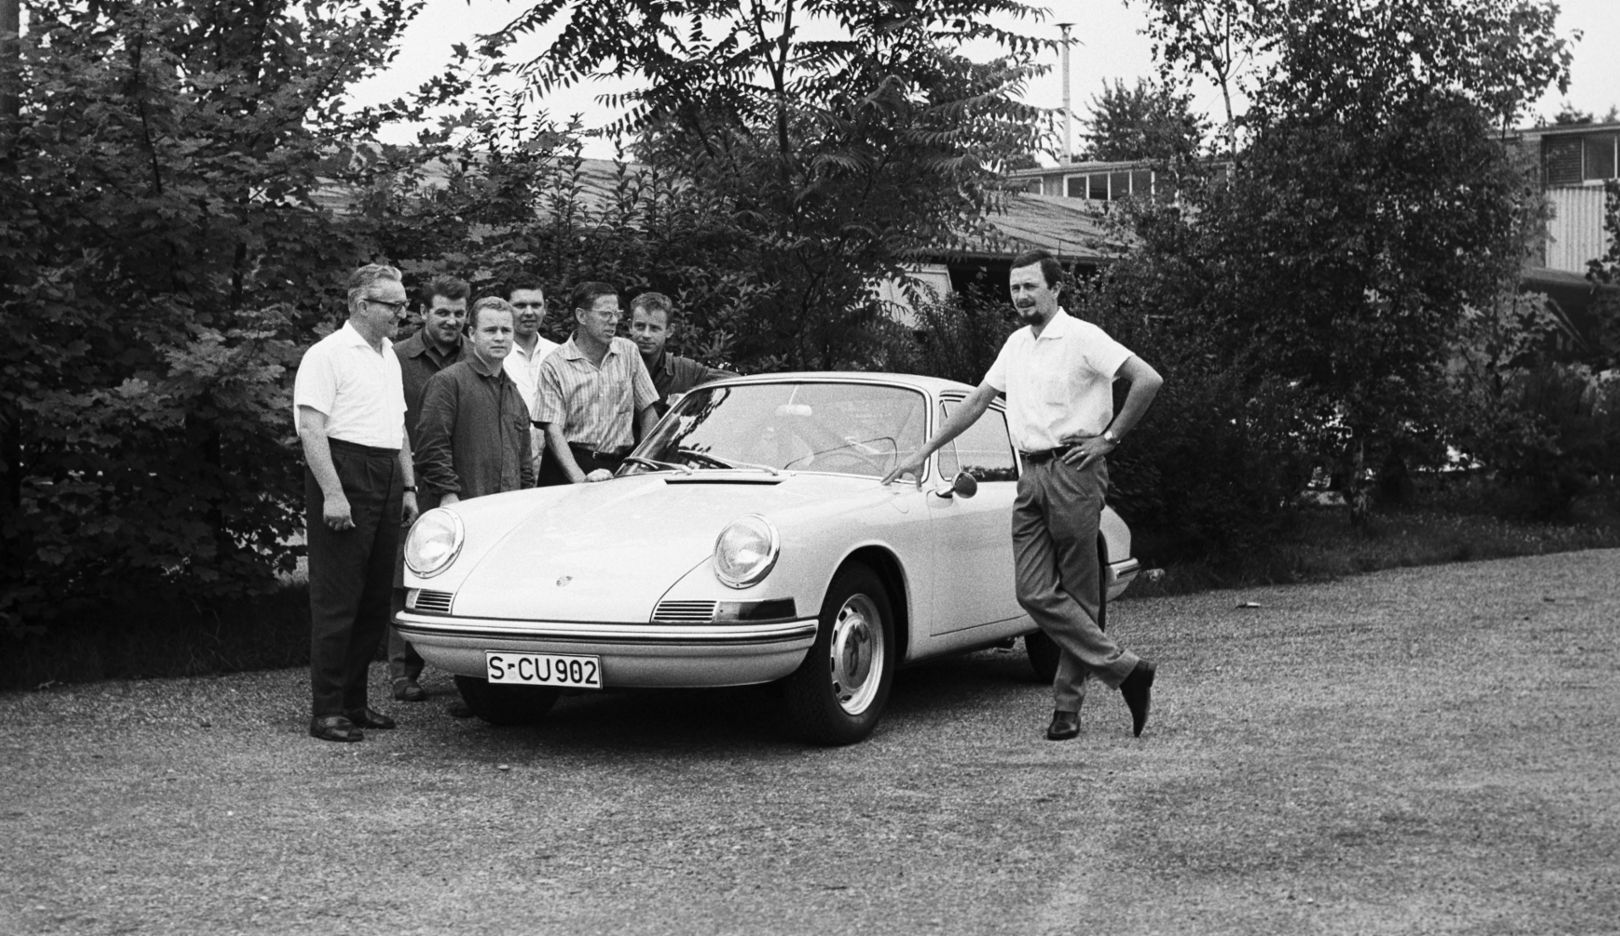 Heinrich Klie, Ernst Bolt, Hans Ploch, Hans Springmann, Ferdinand Alexander Porsche, l-r, Porsche 901, 1964, 2017, Porsche AG